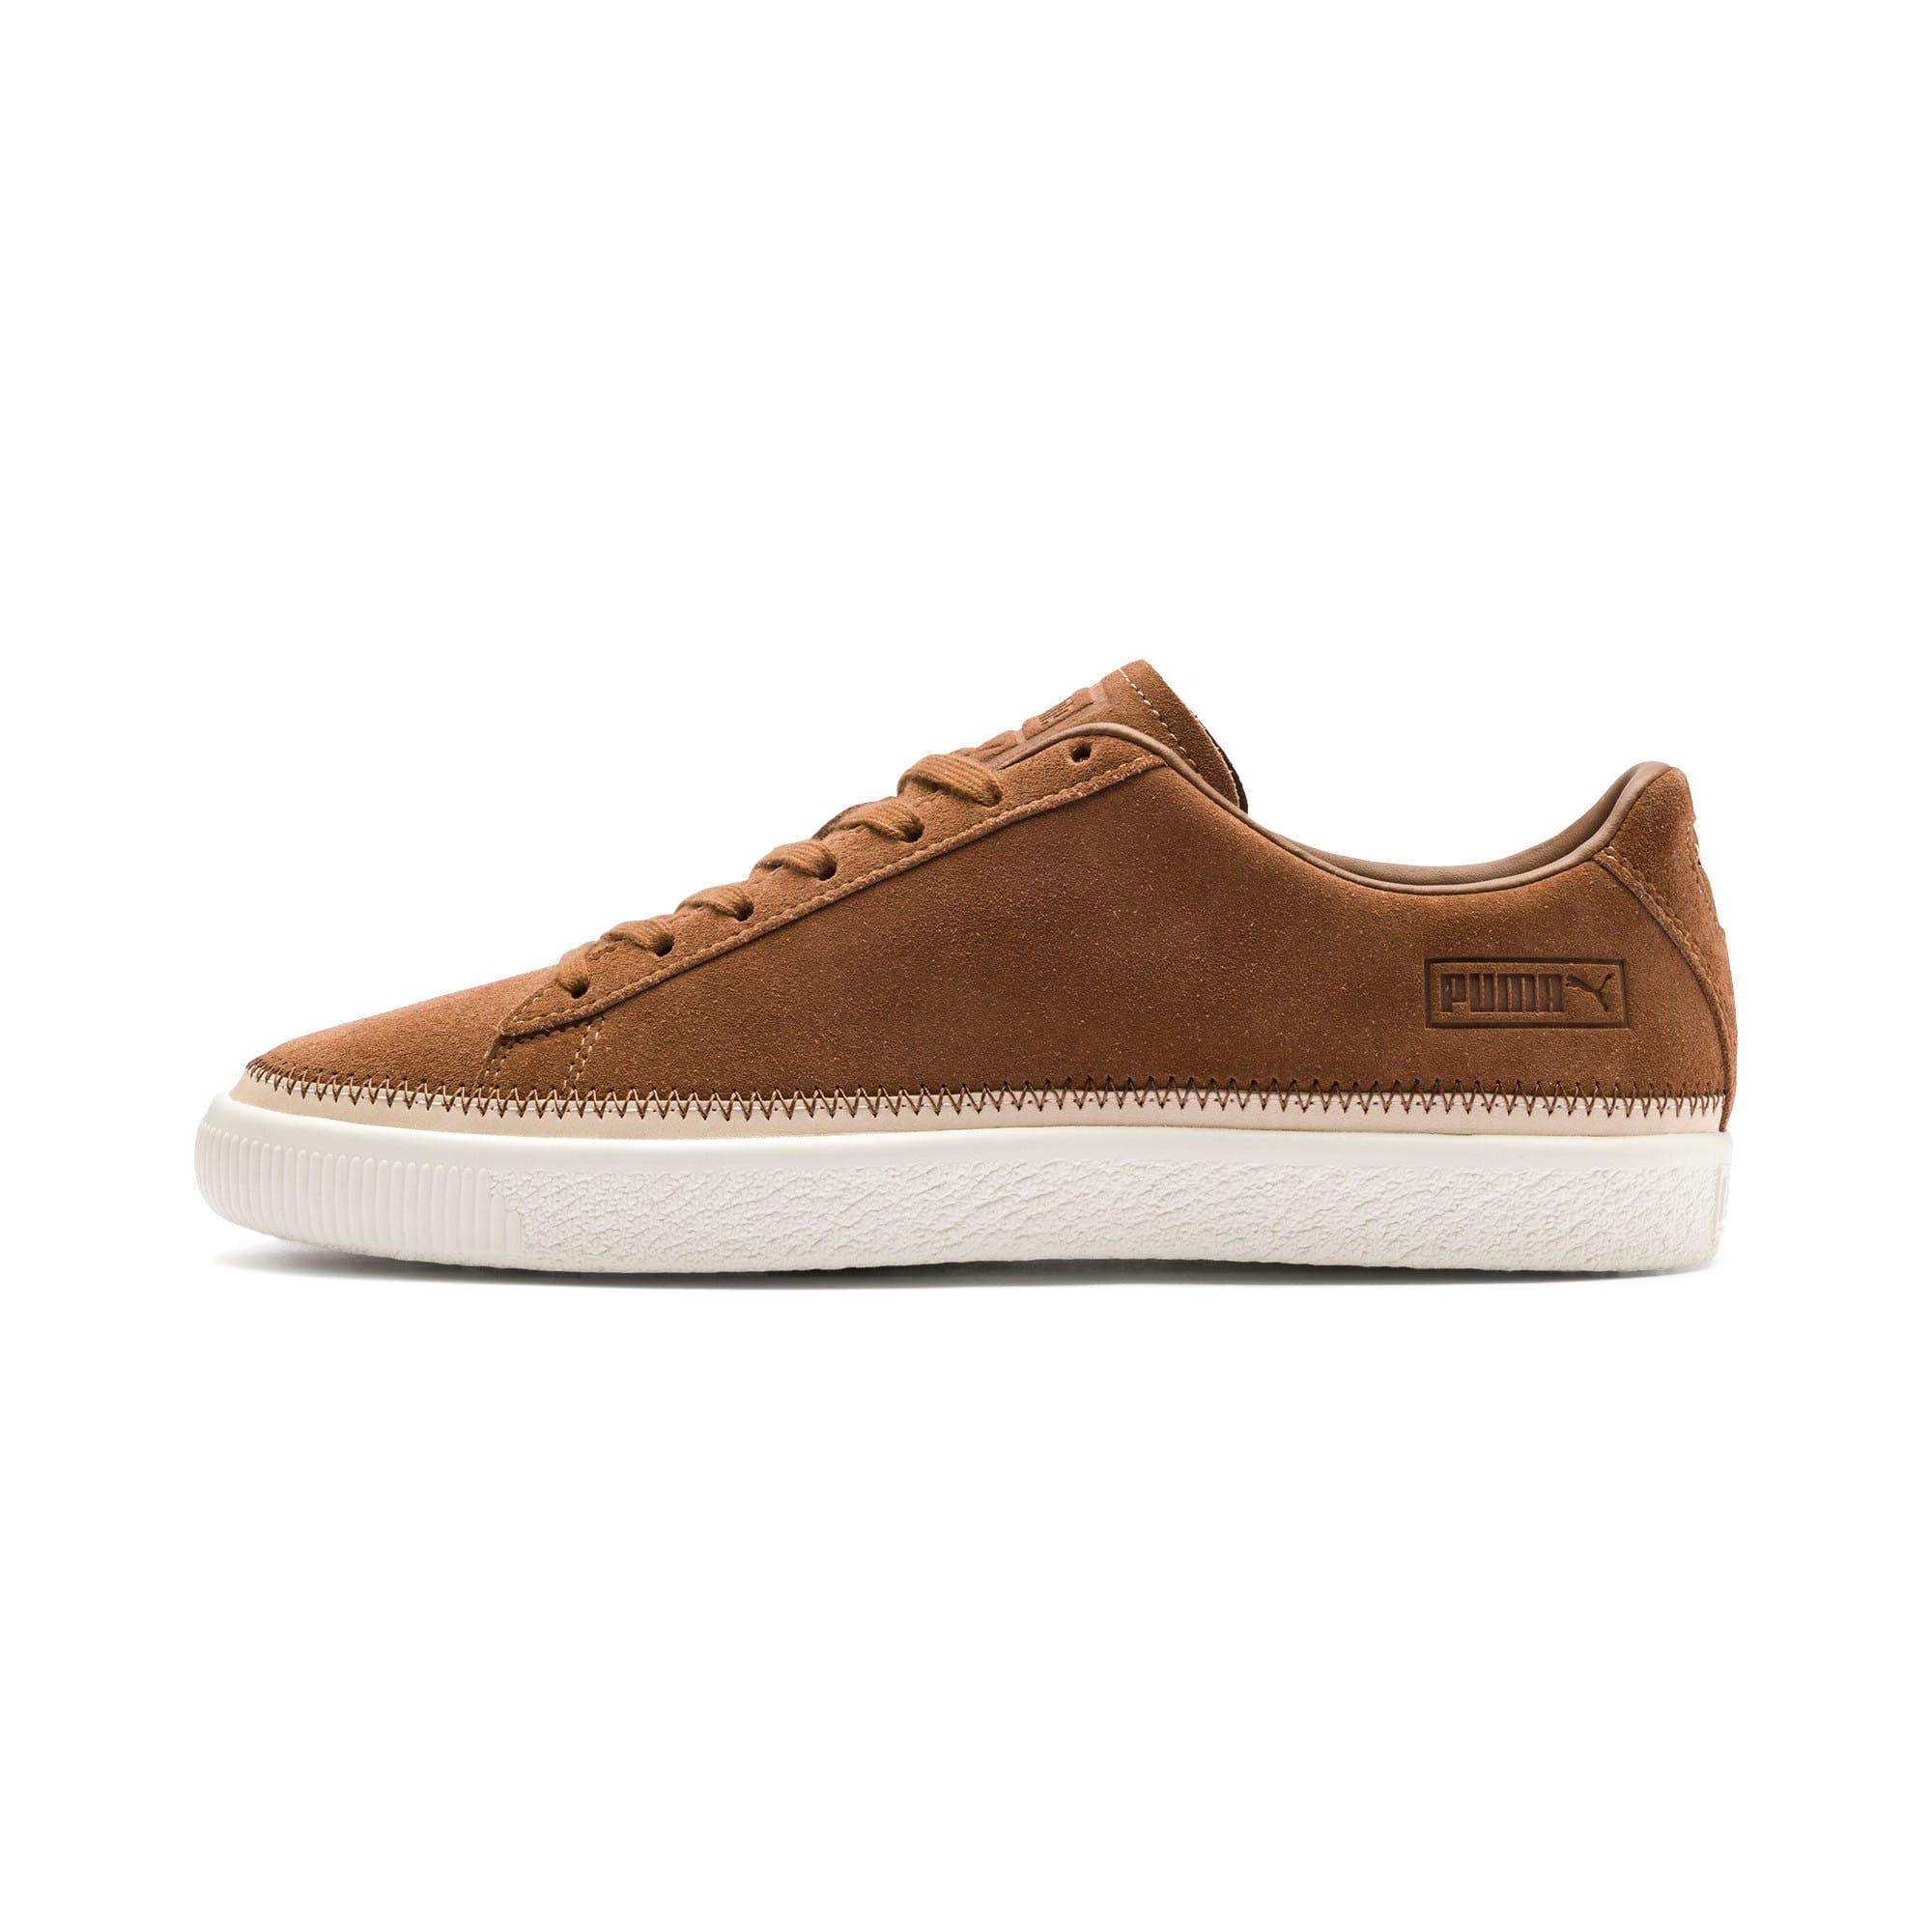 Miniatura 1 de Zapatos deportivos Suede Trim PRM, Dachsund-Whisper White, mediano